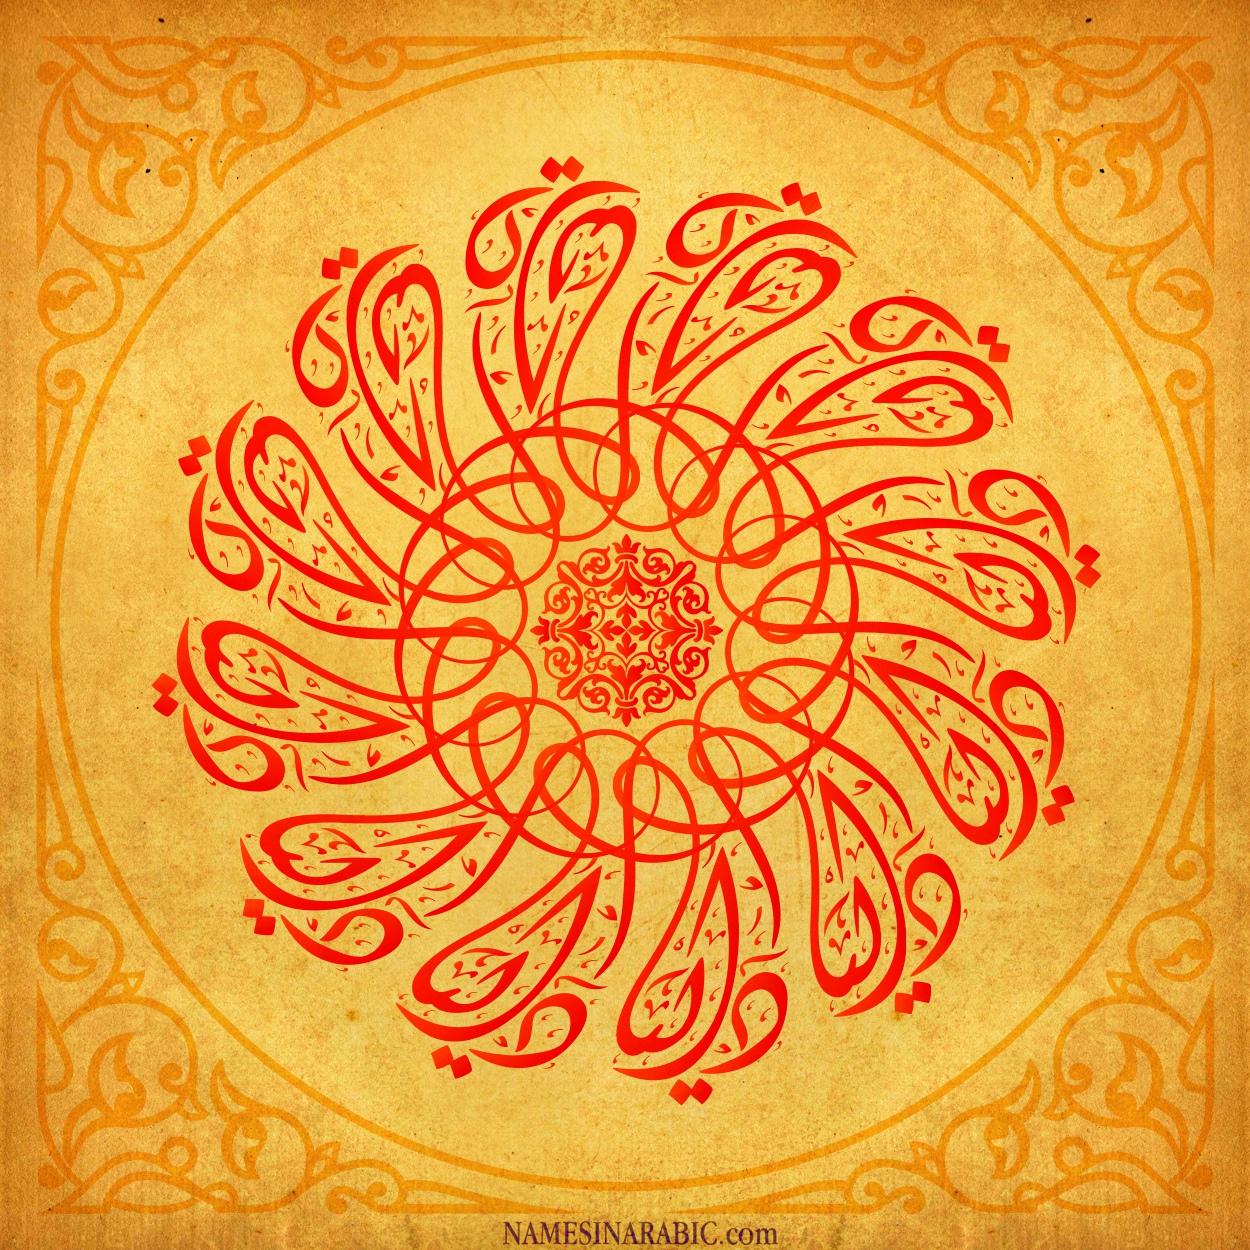 صورة اسم داليا Dalia اسم داليا بالخط العربي من موقع الأسماء بالخط العربي بريشة الفنان إسلام ابن الفضل